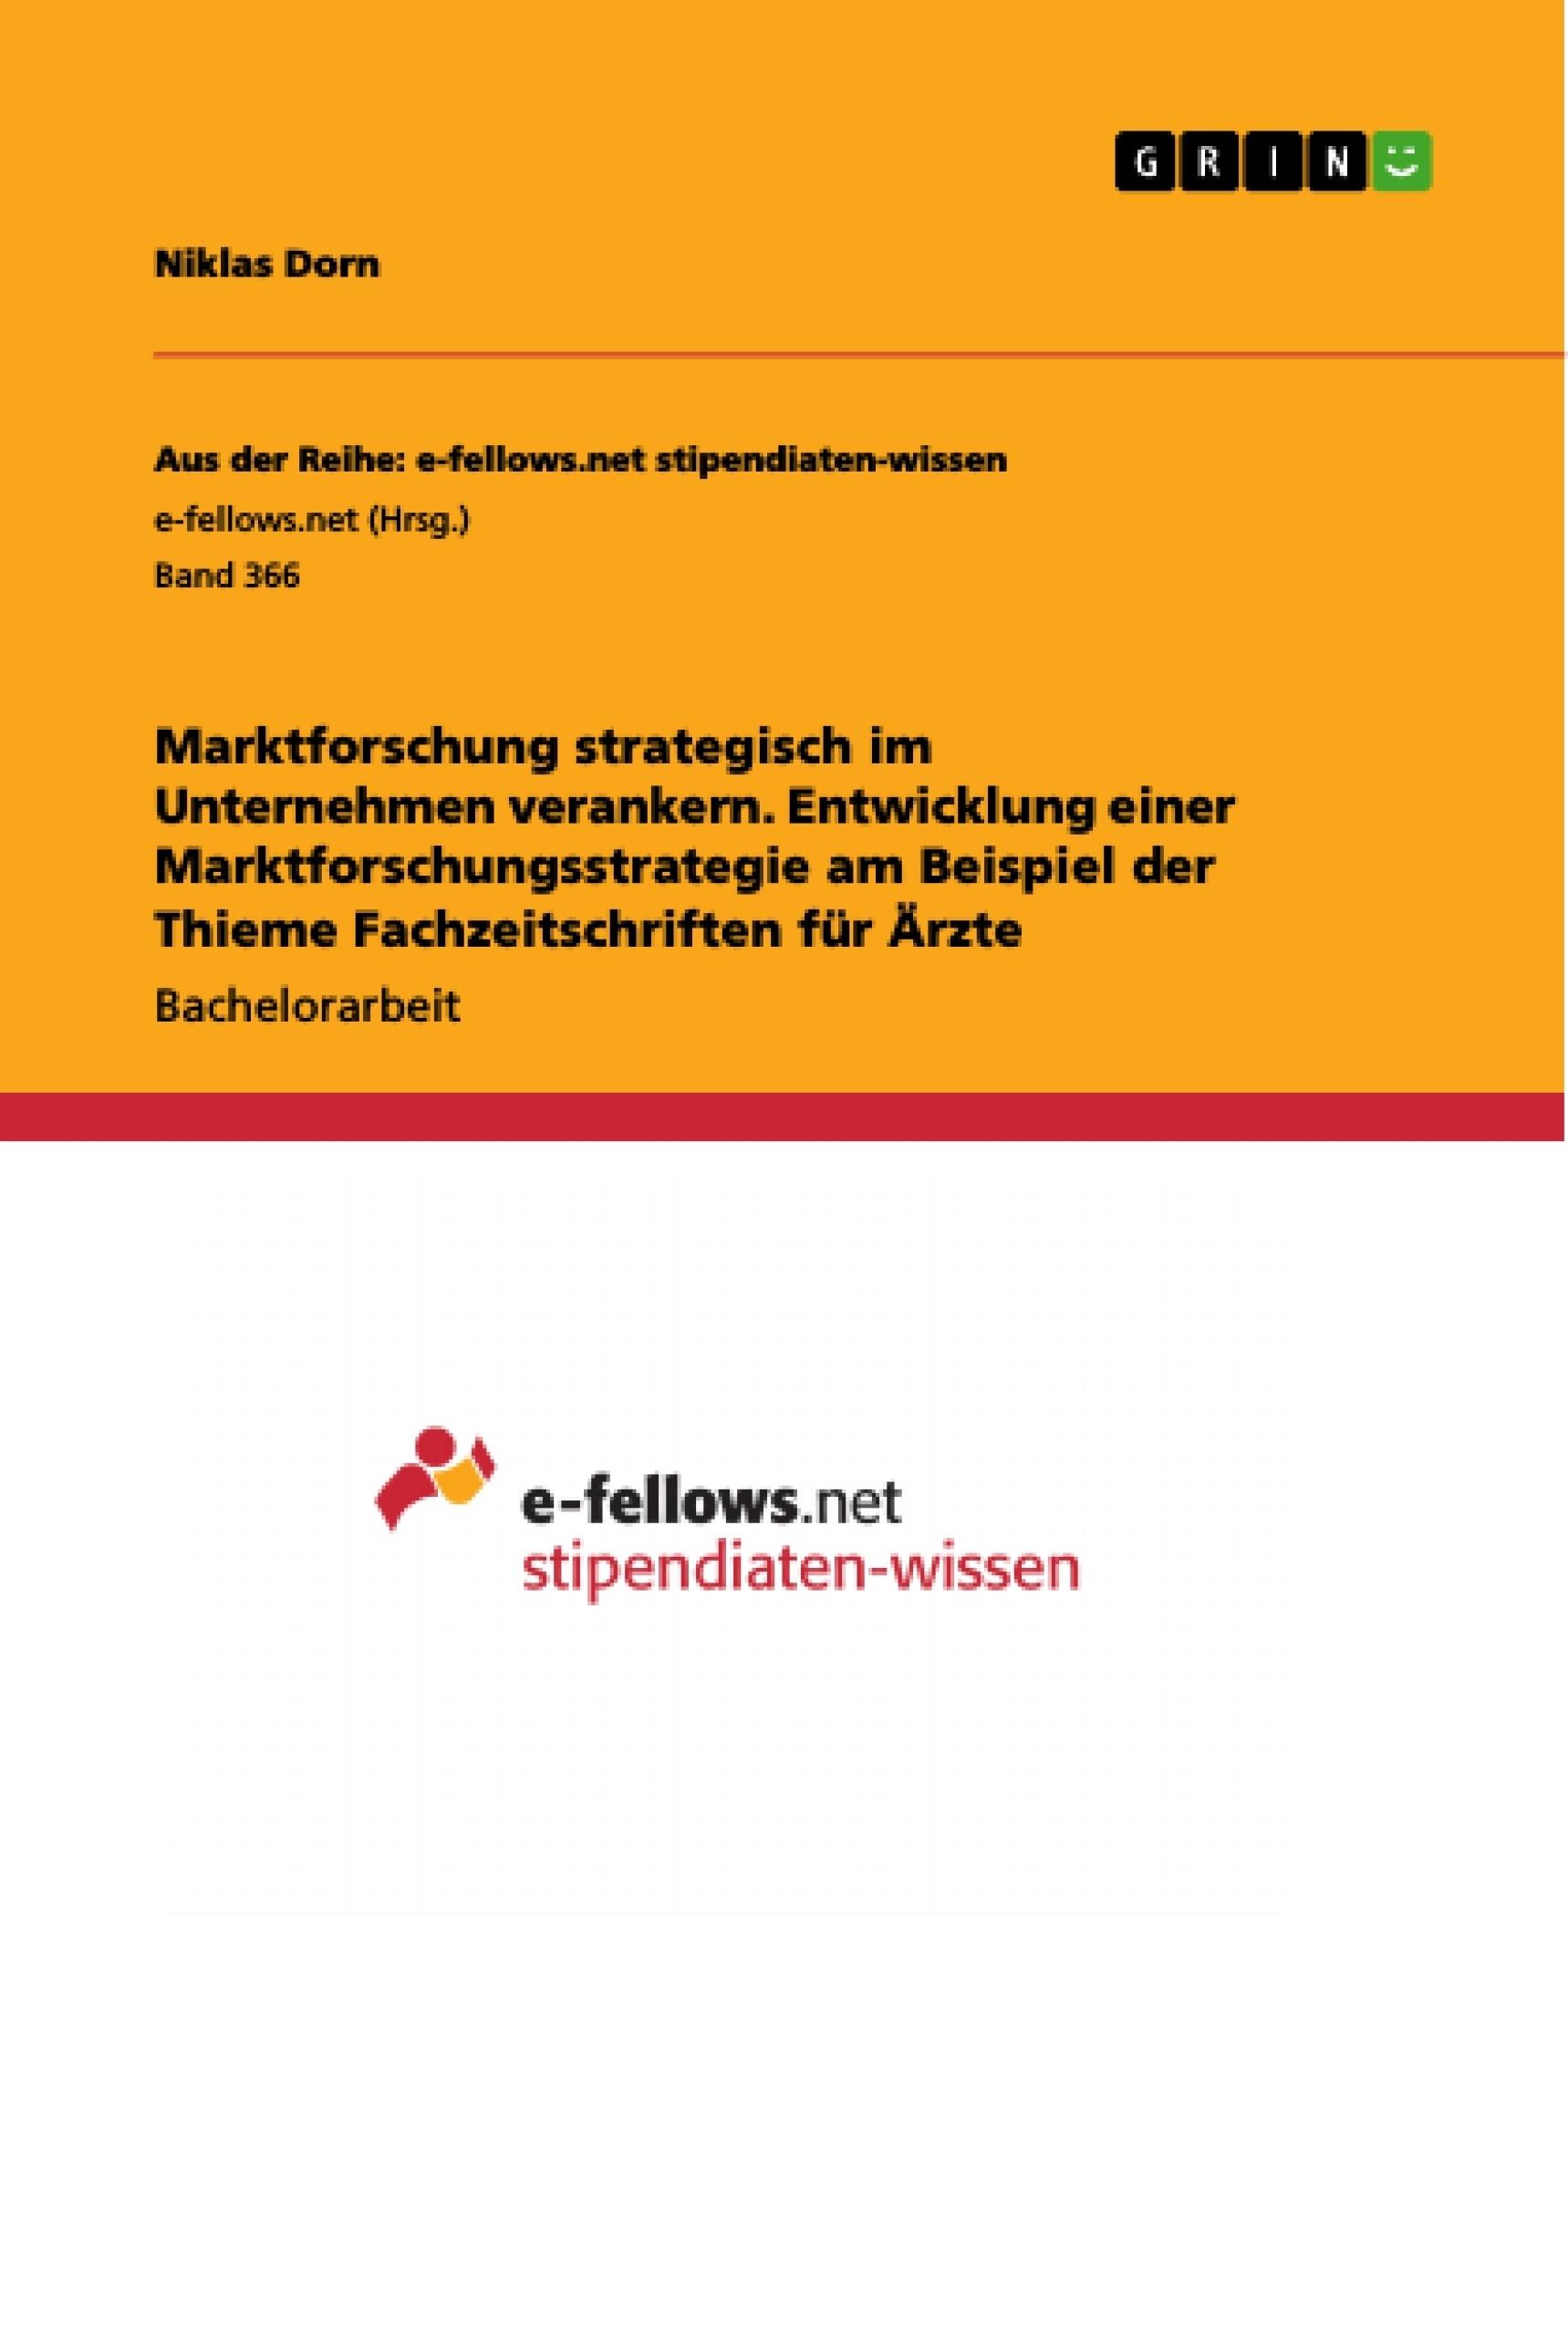 Titel: Marktforschung strategisch im Unternehmen verankern. Entwicklung einer Marktforschungsstrategie am Beispiel der Thieme Fachzeitschriften für Ärzte